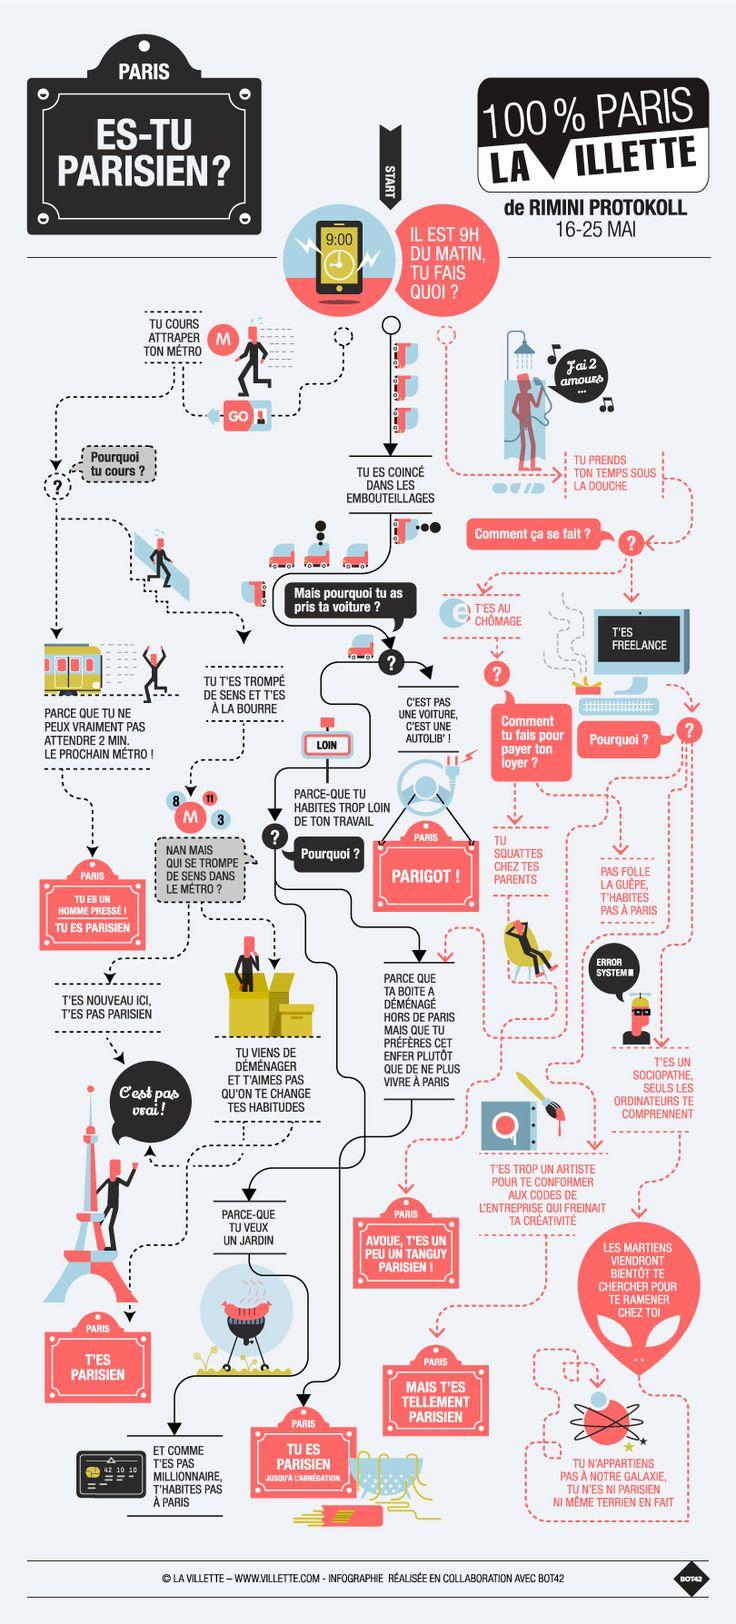 la villette - es-tu parisien? #infographie #paris